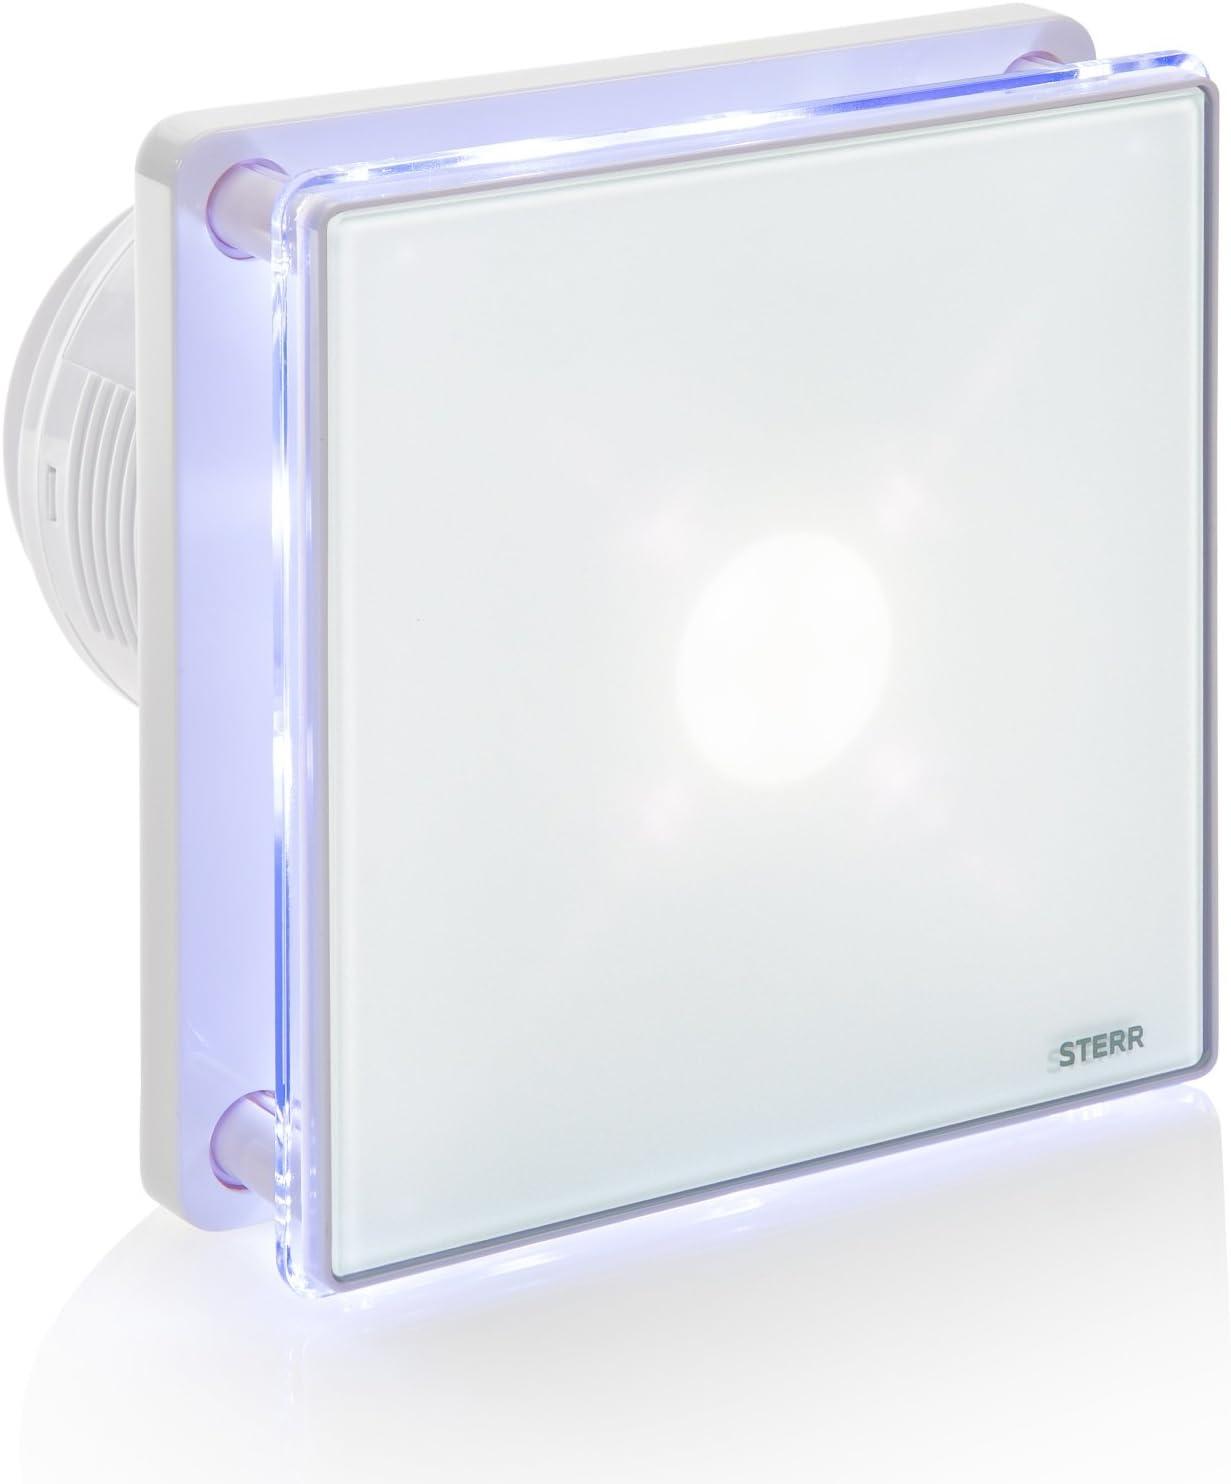 STERR - Extractor de baño con retroiluminación LED - BFS100L